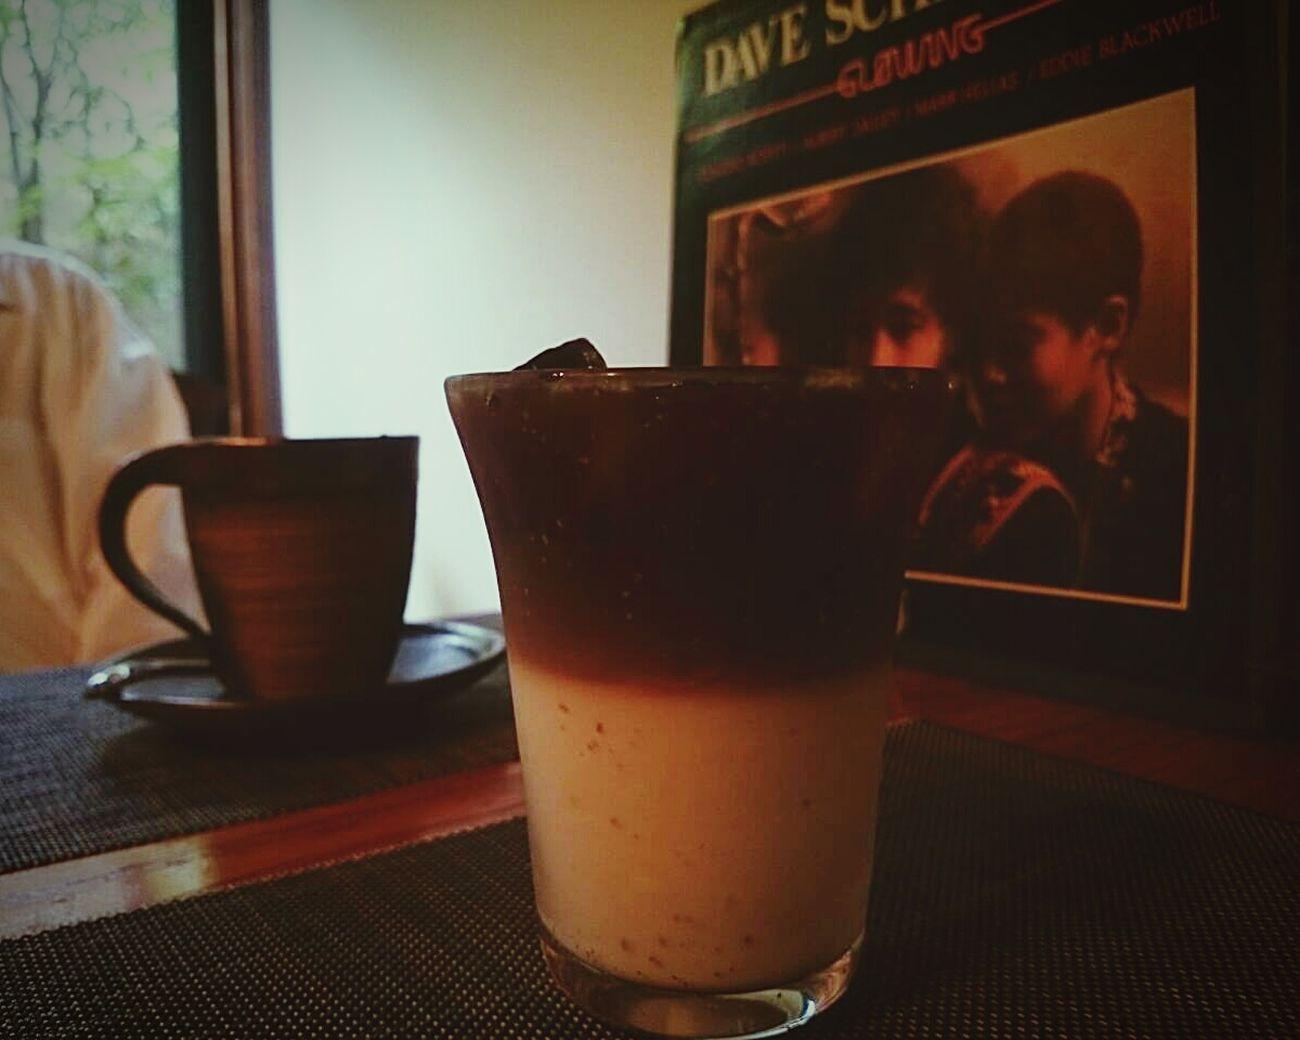 主人の先輩のお別れに、一緒に稲取へやって来ました。言葉少なに、slow jazzyな昼下がりです。 古民家cafe Izu Inatori